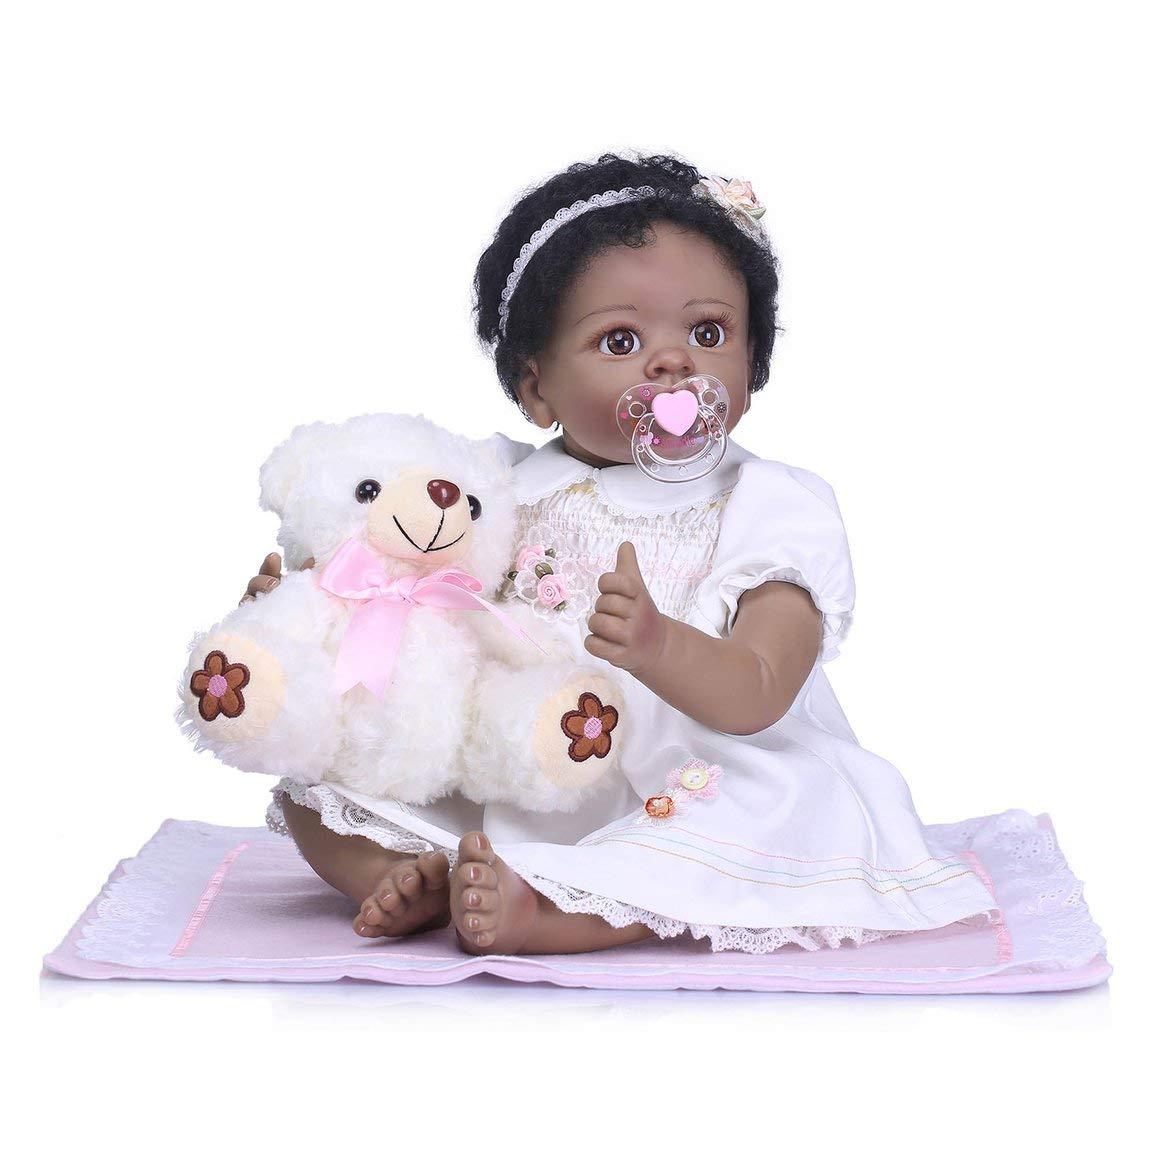 Fantasyworld Bambola Reborn NPK di Simulazione del Giocattolo del Bambino Morbido Silicone realistica Newborn Toy Doll Carino Balneazione per Bambini Genitori Giocattolo